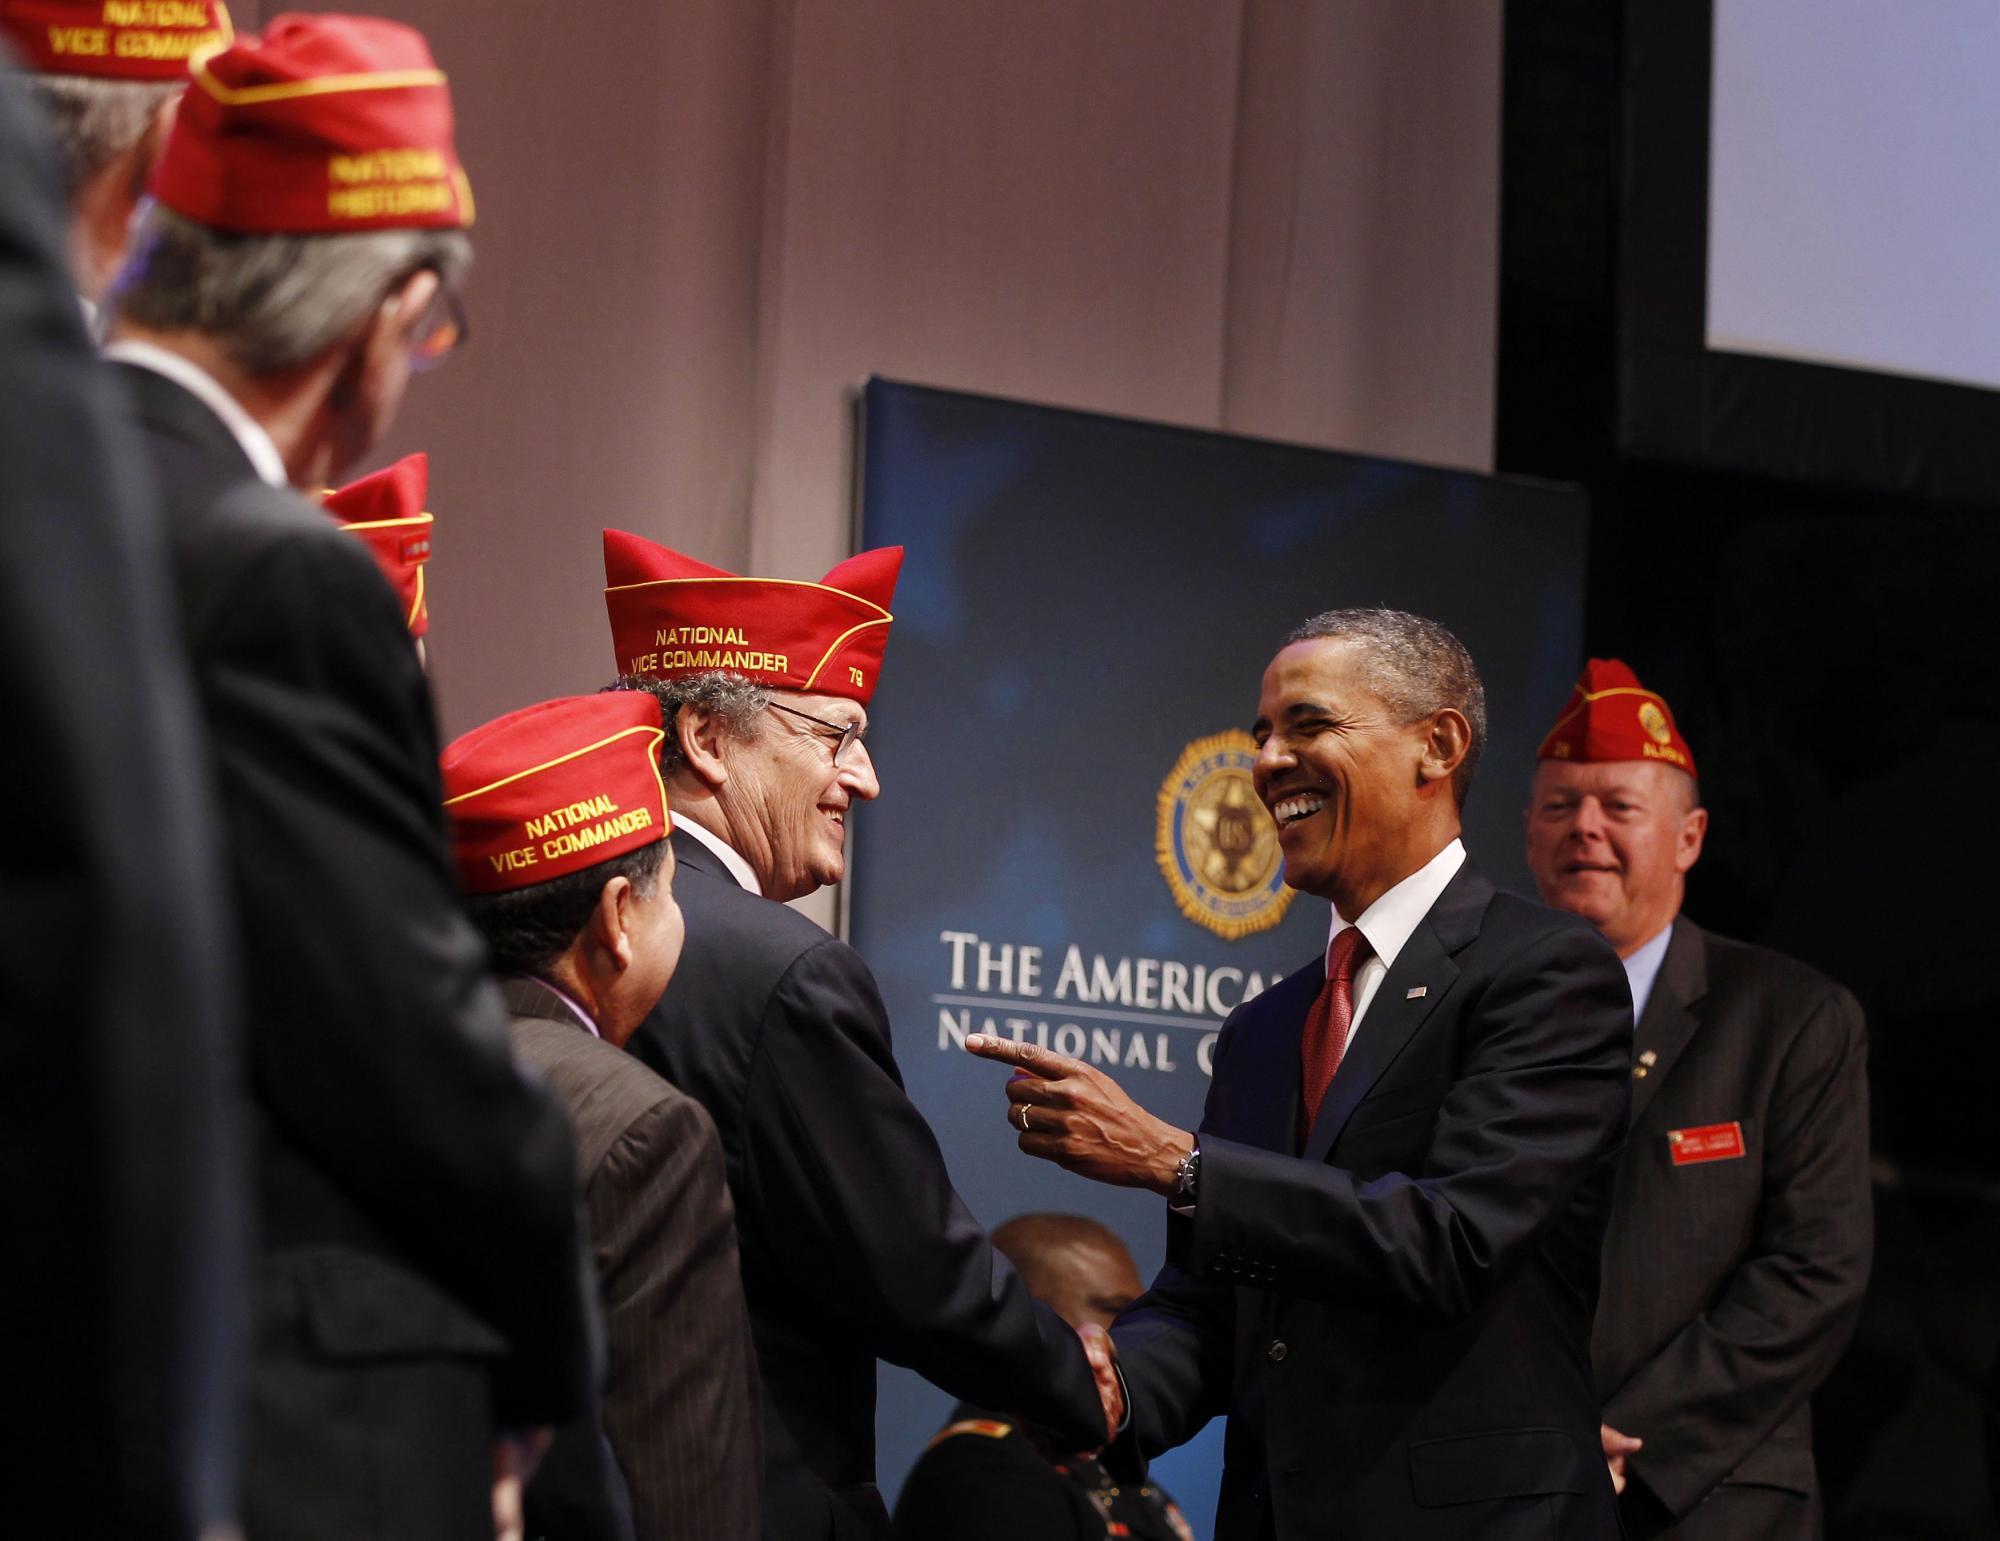 奥巴马称美经历十年反恐苦战 赖斯认为威胁来自 失败国家